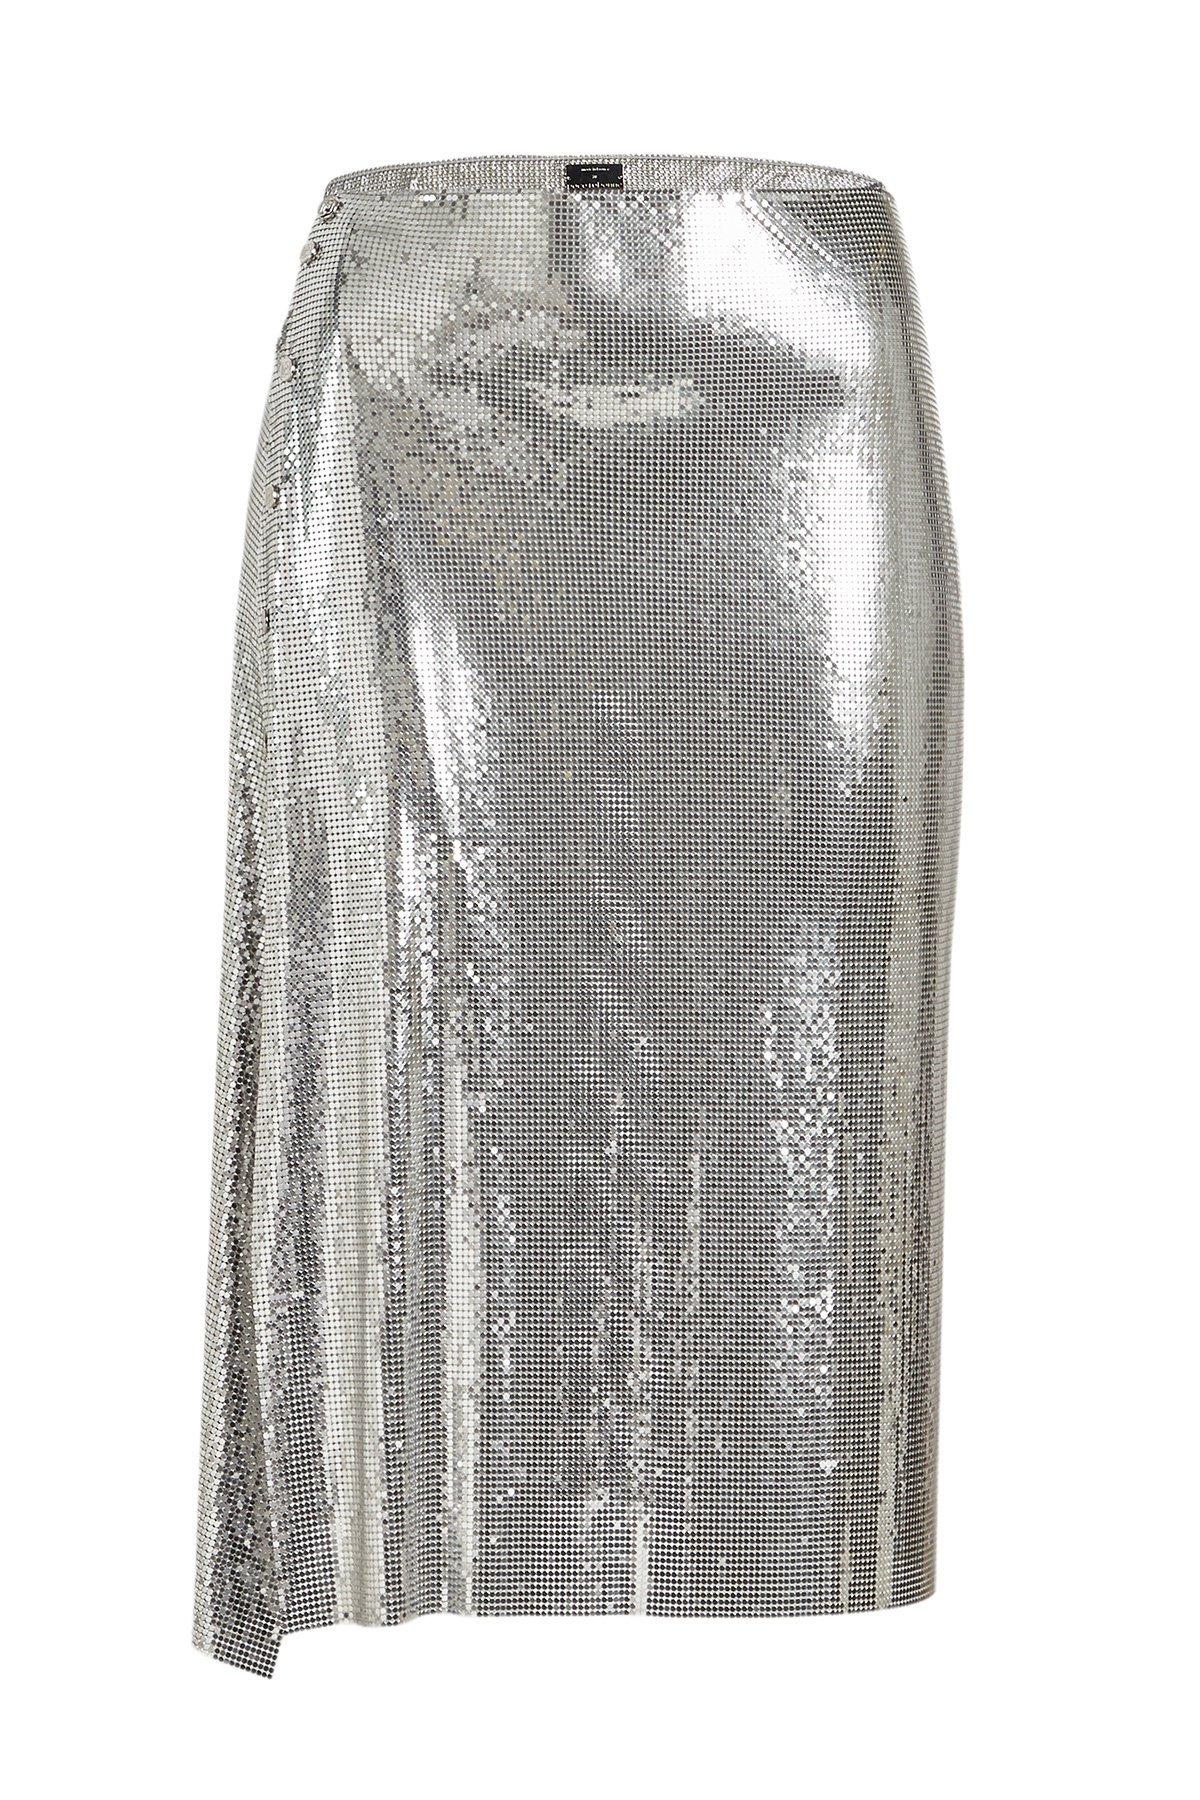 Draped Sequin Skirt Gr. FR 36